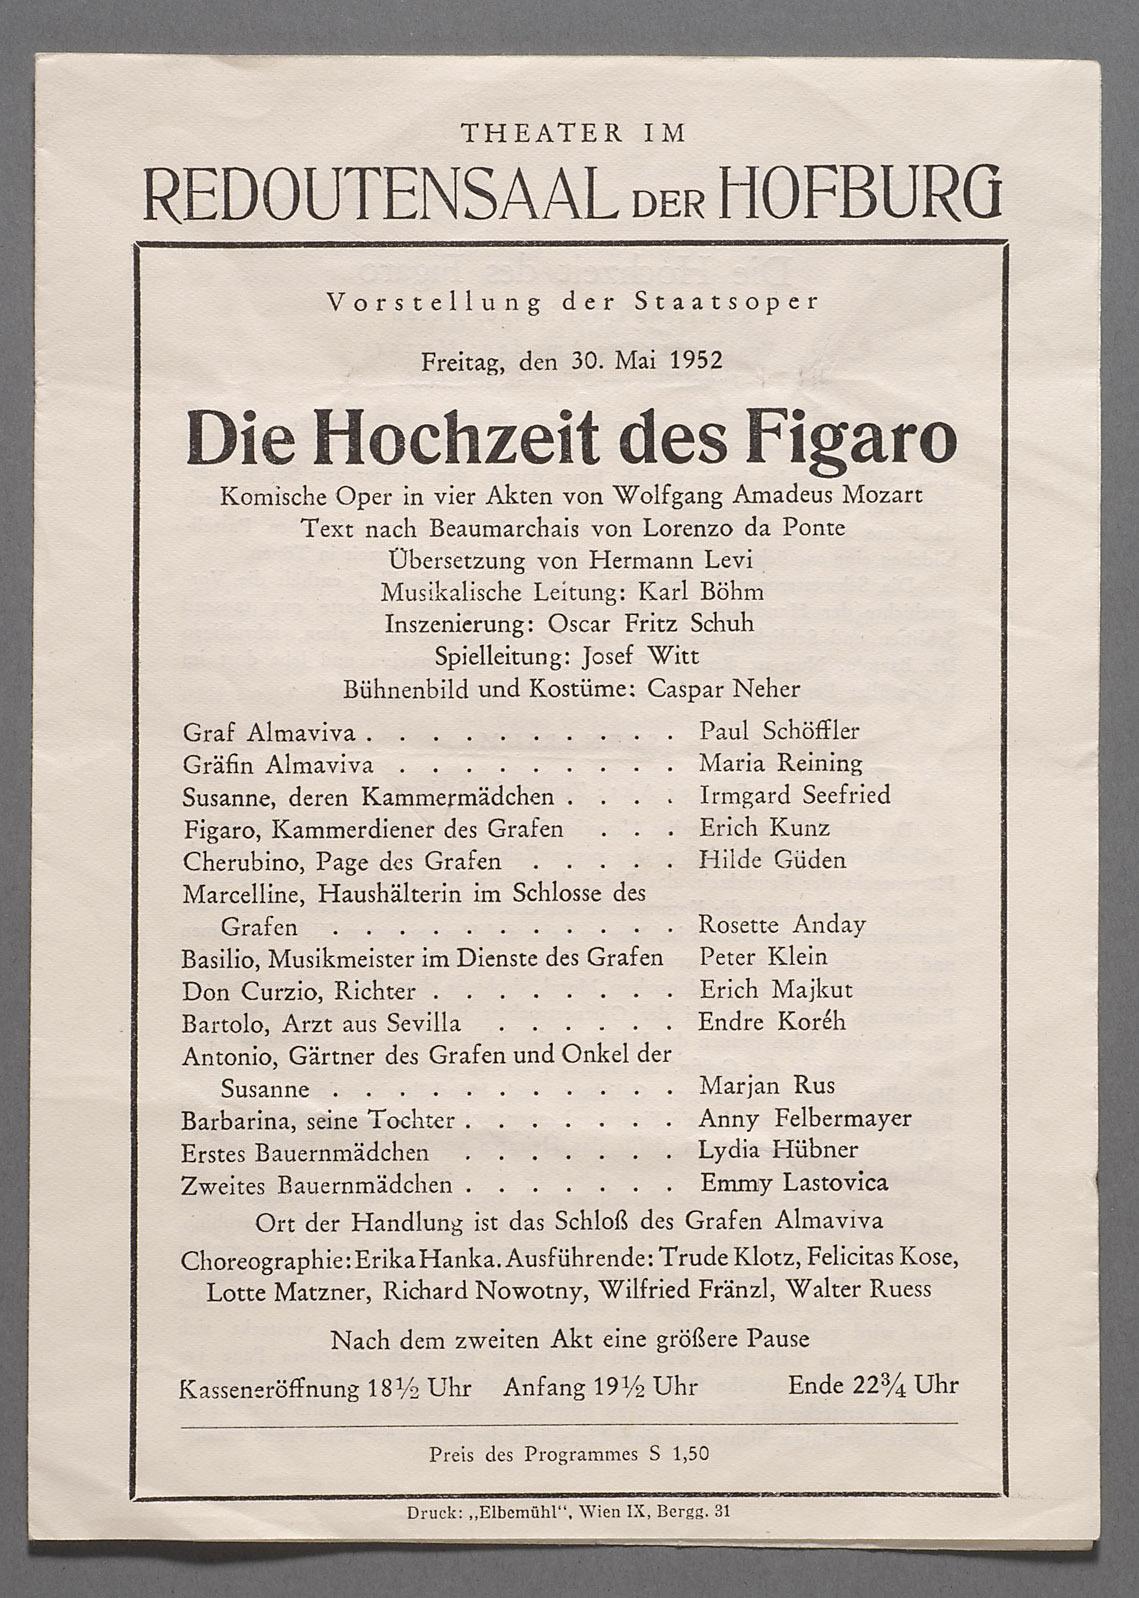 Die Hochzeit des Figaro von Wolfgang Amadeus Mozart